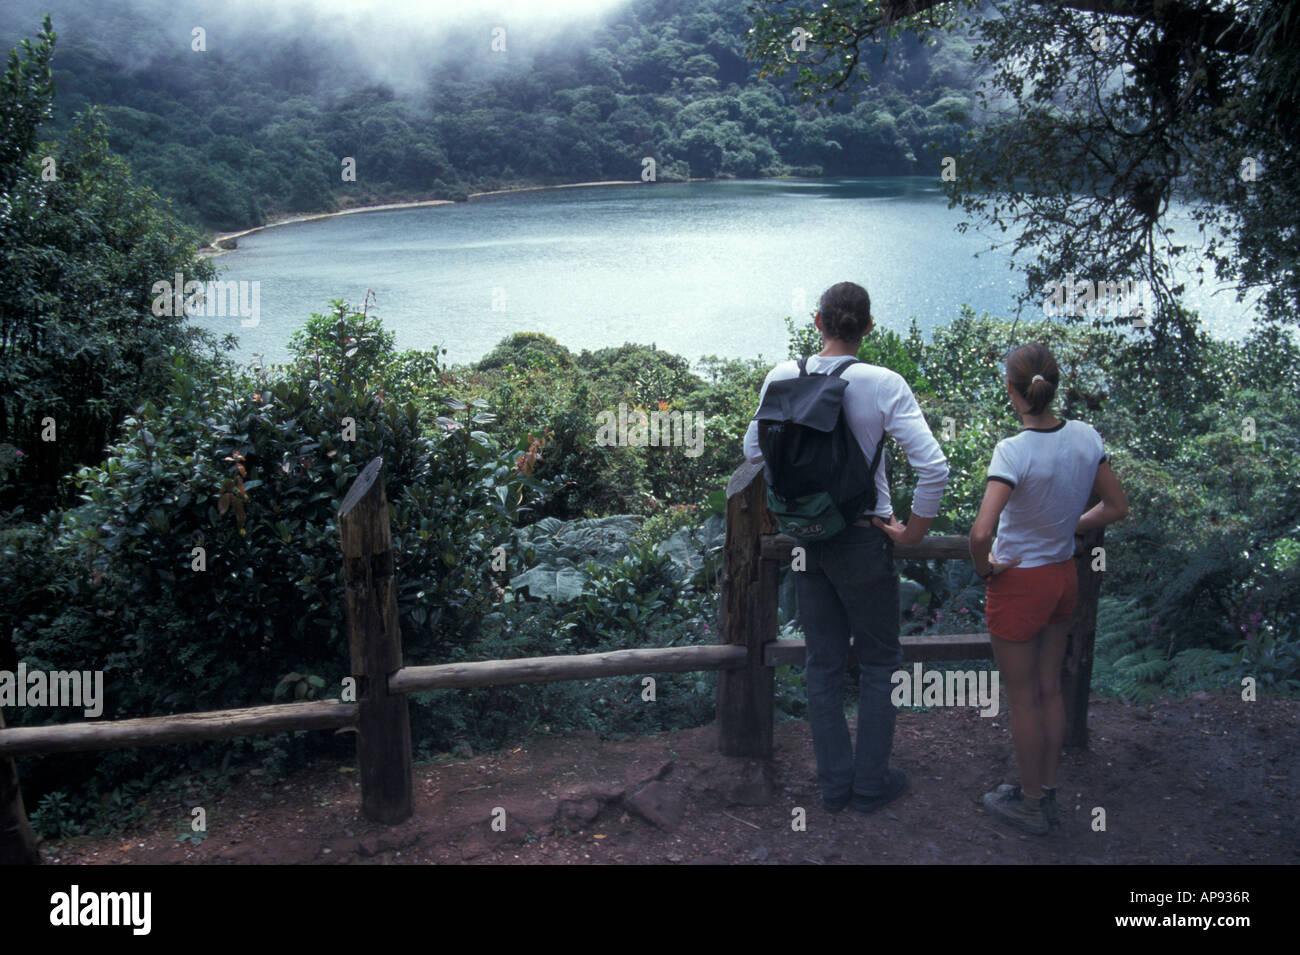 Young couple looking at Laguna Botos in the Parque Nacional Volcan Poas, Costa Rica - Stock Image